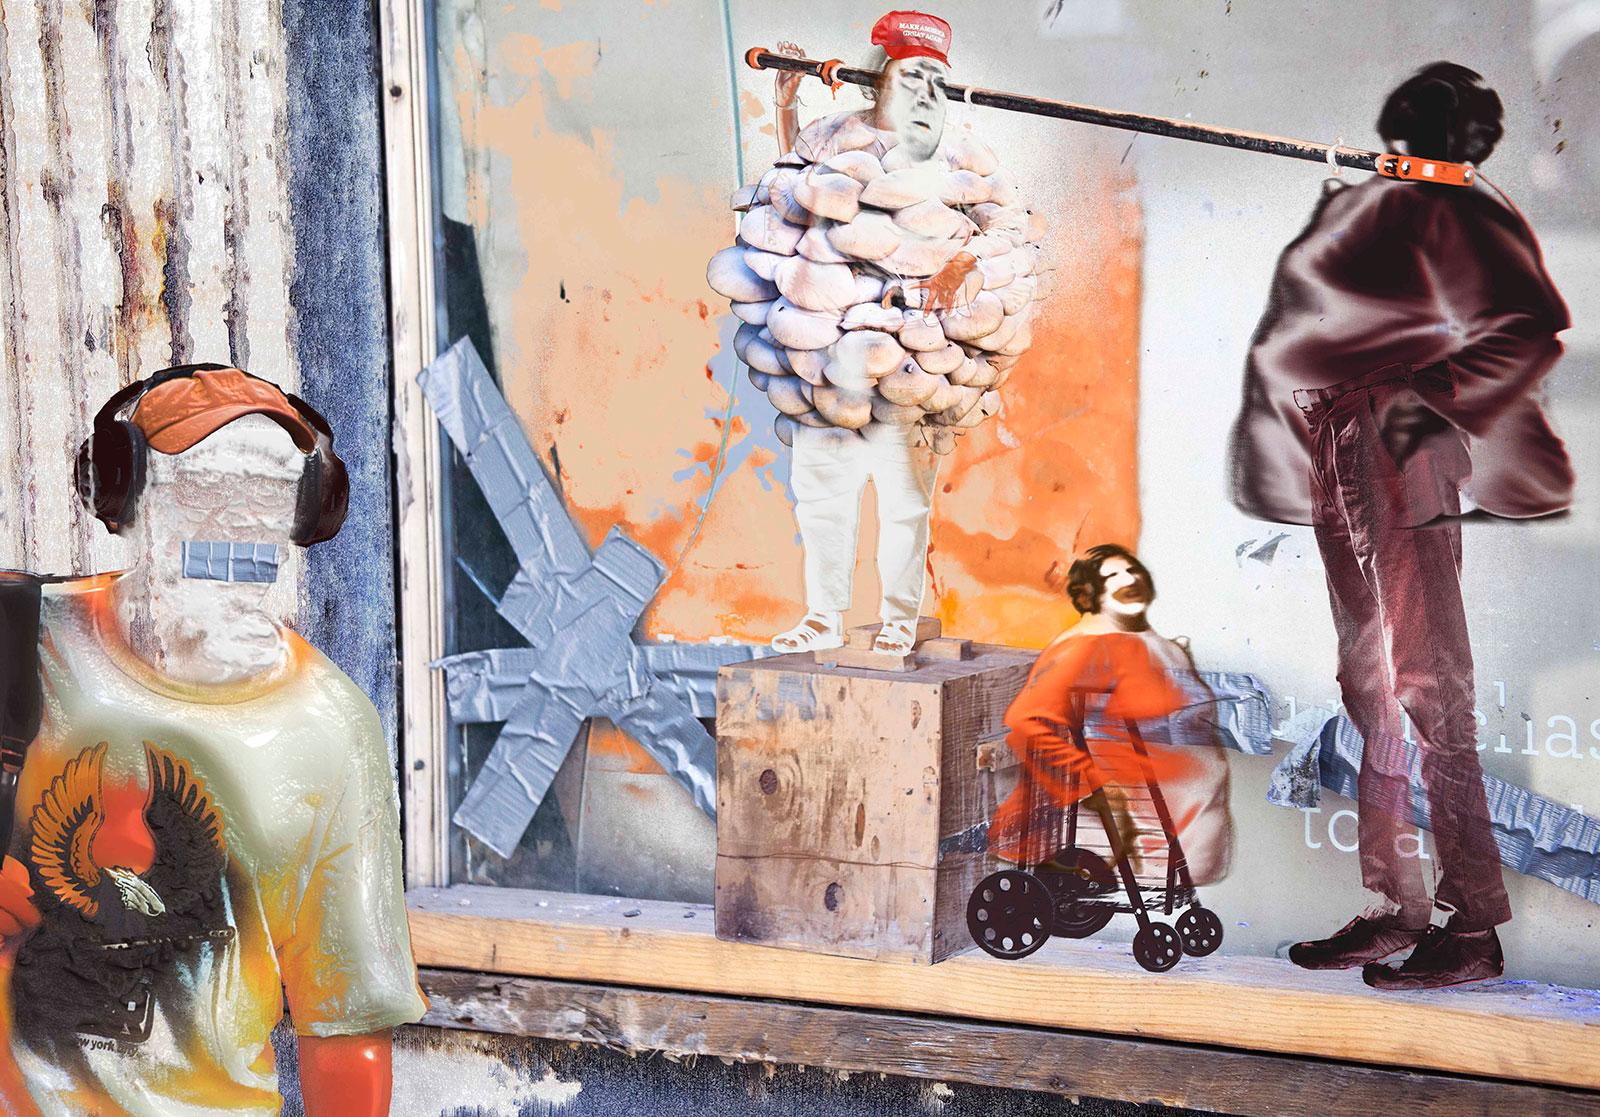 four figures set against broken window